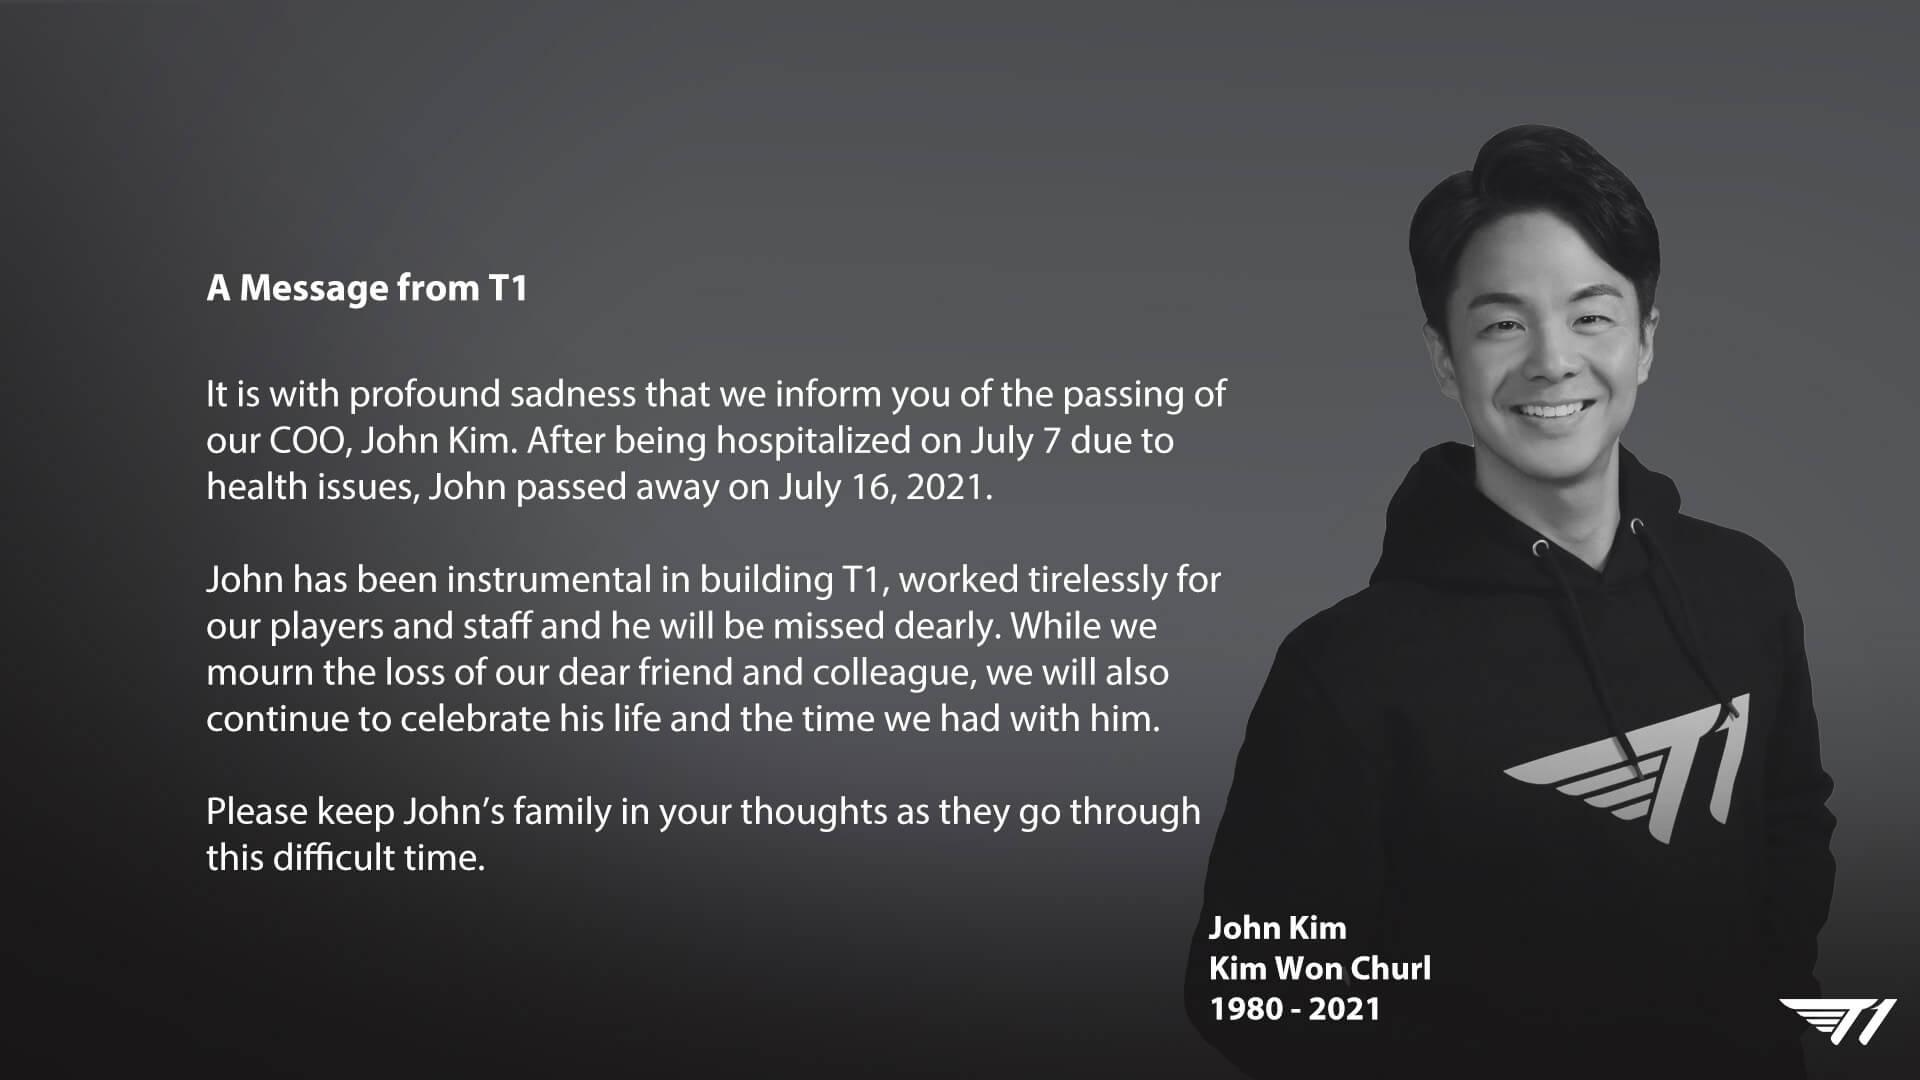 T1 ekibinin acı günü! COO John Kim hayatını kaybetti